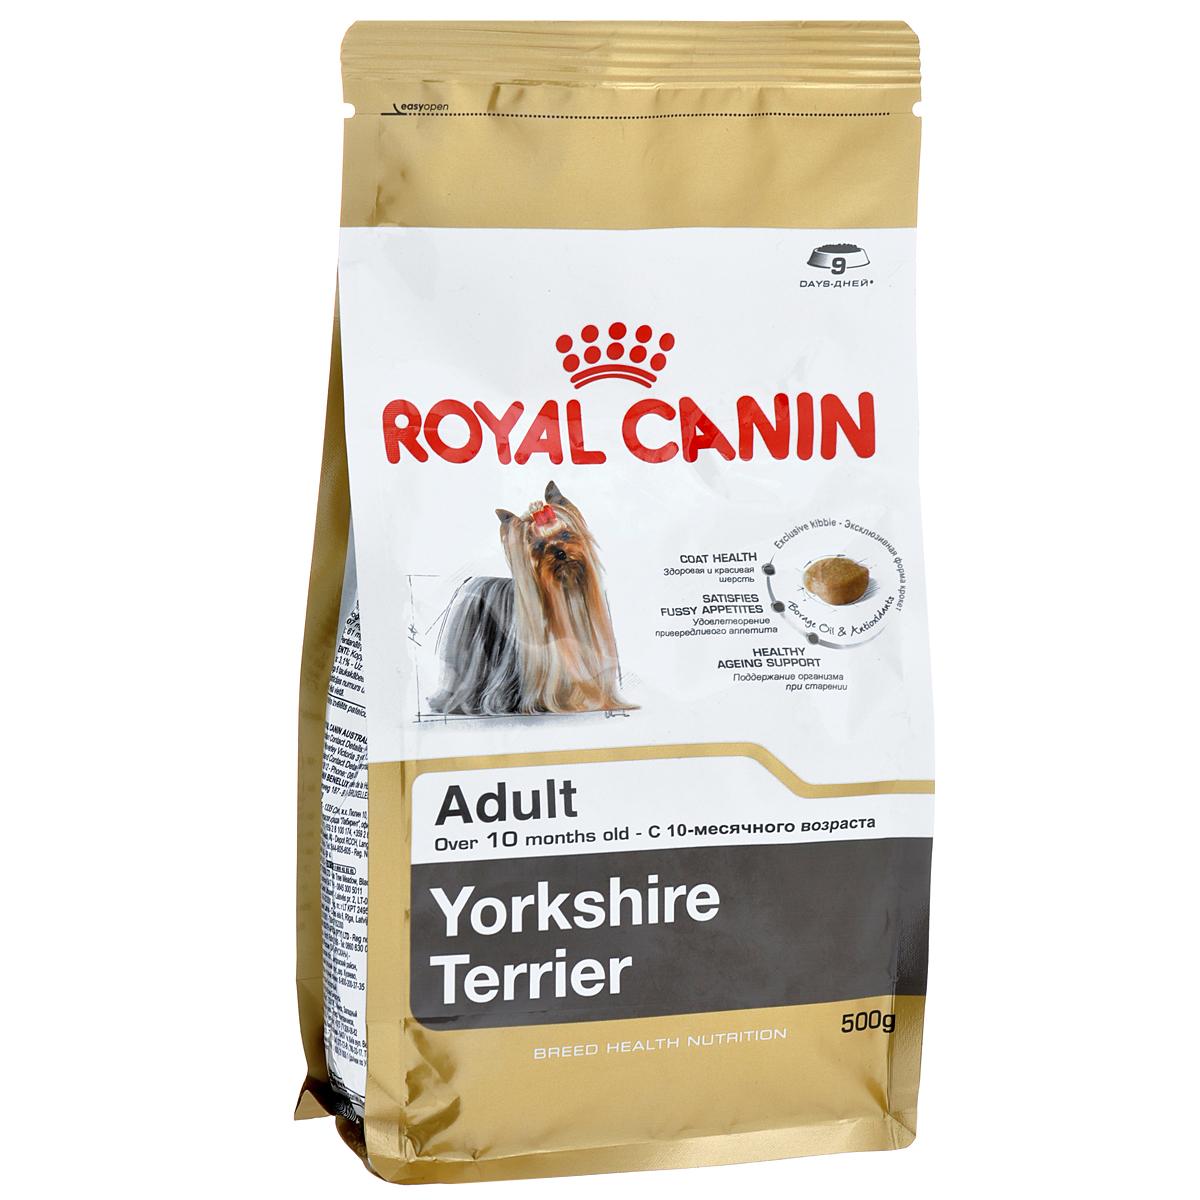 Корм сухой Royal Canin Yorkshire Terrier Adult, для собак породы йоркширский терьер в возрасте от 10 месяцев, 500 г0046, 579Корм сухой Royal Canin Yorkshire Terrier Adult - полнорационный корм для собак породы йоркширский терьер в возрасте от 10 месяцев.Йоркширский терьер — это сказочное создание, которое очаровывает с первой минуты знакомства с ним. Тоненькие, хрупкие и изящные йорки в силу своей физиологии нуждаются в максимальном поступлении в организм аминокислот, необходимых для развития шерсти и ее быстрого роста. Многие корма для йорков имеют крокеты слишком крупного размера, тогда как продукция Royal Canin Yorkshire Terrier Adult разработана специально для небольших челюстей этих собак. Здоровая шерсть.Эта эксклюзивная формула поддерживает здоровье и красоту шерсти йоркширского терьера. Корм обогащен жирными кислотами Омега-3 (EPA и DHA) и Омега-6, маслом бурачника и биотином. Вкусовая привлекательность.Благодаря высокой вкусовой привлекательности корм способен удовлетворить потребностидаже самых привередливых питомцев. Долголетие.Особый комплекс с питательными веществами помогает сохранить здоровье собаки в зрелом возрасте и способствует долголетию.Профилактика образования зубного камня.Благодаря хелаторам кальция и специально подобранной текстуре крокет, которая оказывает чистящее воздействие, корм помогает ограничить образование зубного камня. Состав: дегидратированные белки животного происхождения (птица), рис, кукурузная мука, животные жиры, изолят растительных белков, свекольный жом, гидролизат белков животного происхождения, минеральные вещества, соевое масло, рыбий жир, дрожжи, фруктоолигосахариды, гидролизат дрожжей (источник мaннановых олигосахаридов), масло огуречника аптечного (0,1 %), экстракт бархатцев прямостоячих (источник лютеина).Добавки (в 1 кг): йод — 5,2 мг,селен — 0,28 мг,медь — 15 мг,железо — 166 мг,марганец — 73 мг,цинк — 218 мг,витамин A — 31000 МЕ,витамин D3 — 800 МЕ,витамин E — 600 мг,витамин C — 300 мг,витамин B1 — 27 мг,витамин B